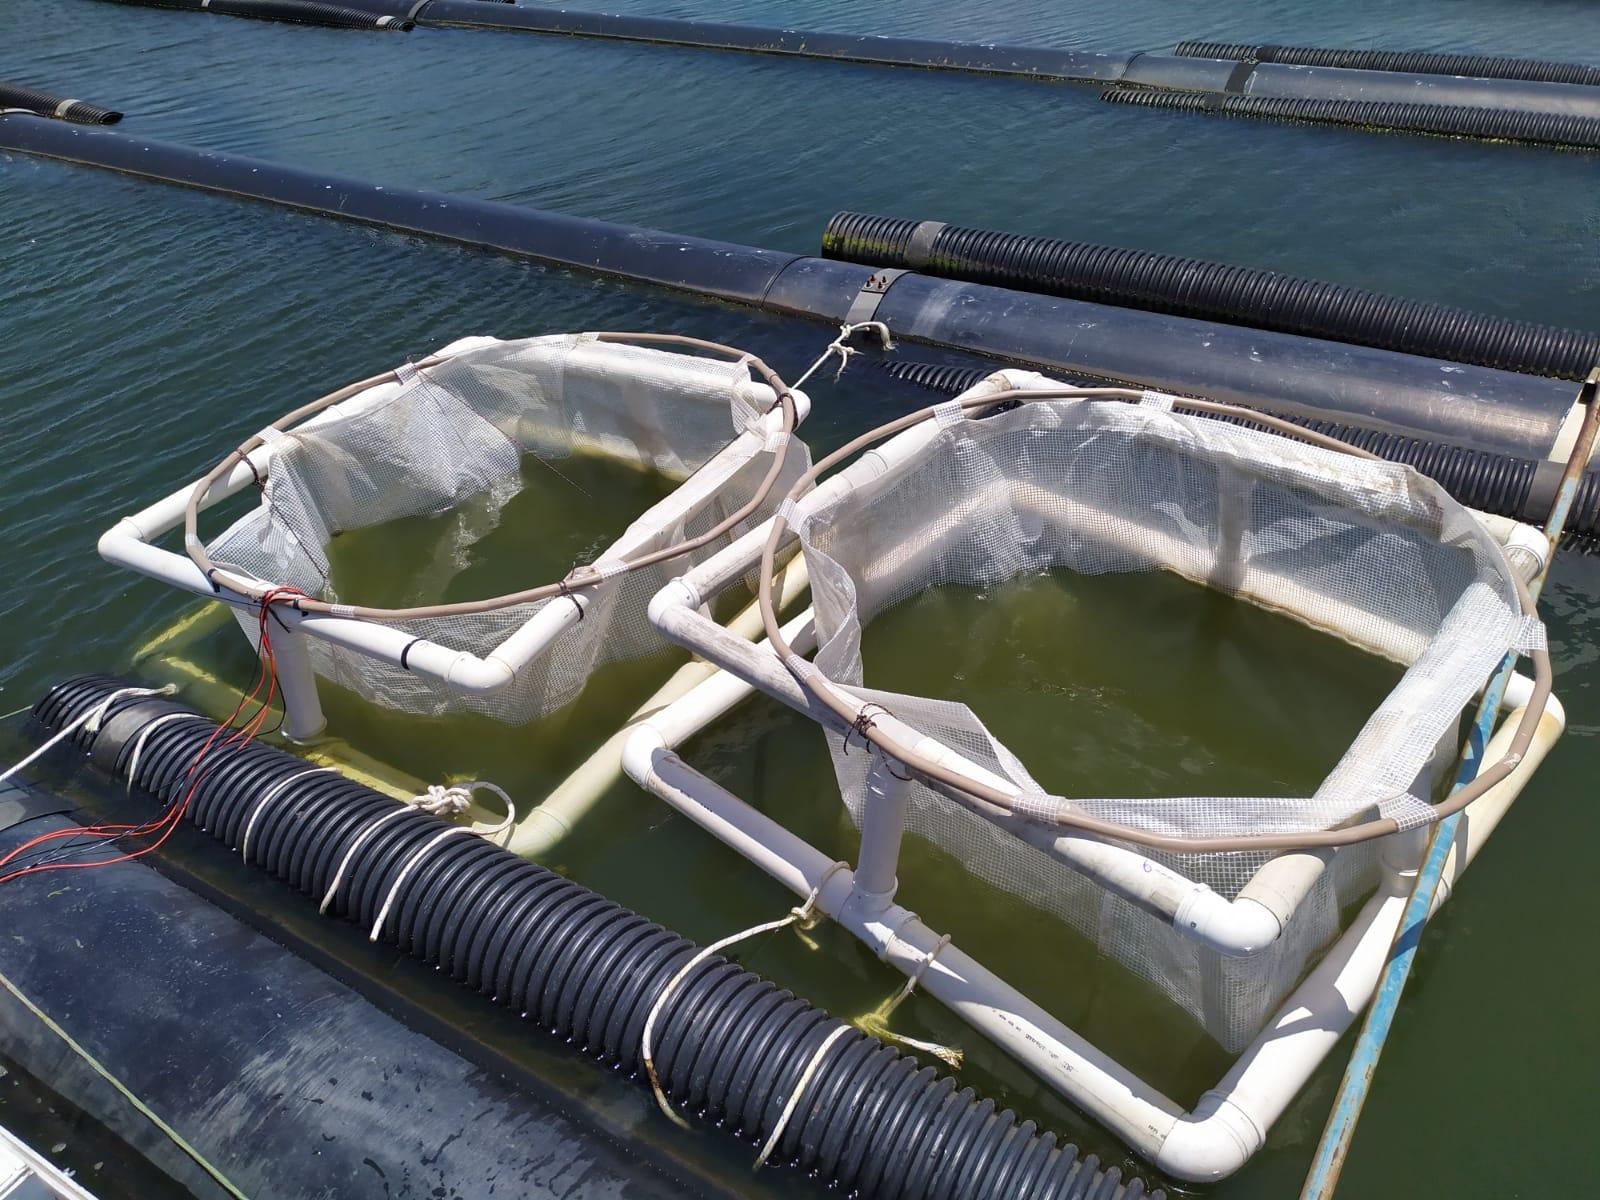 Cogerh e pesquisadores britânicos testam experimento que melhora qualidade da água